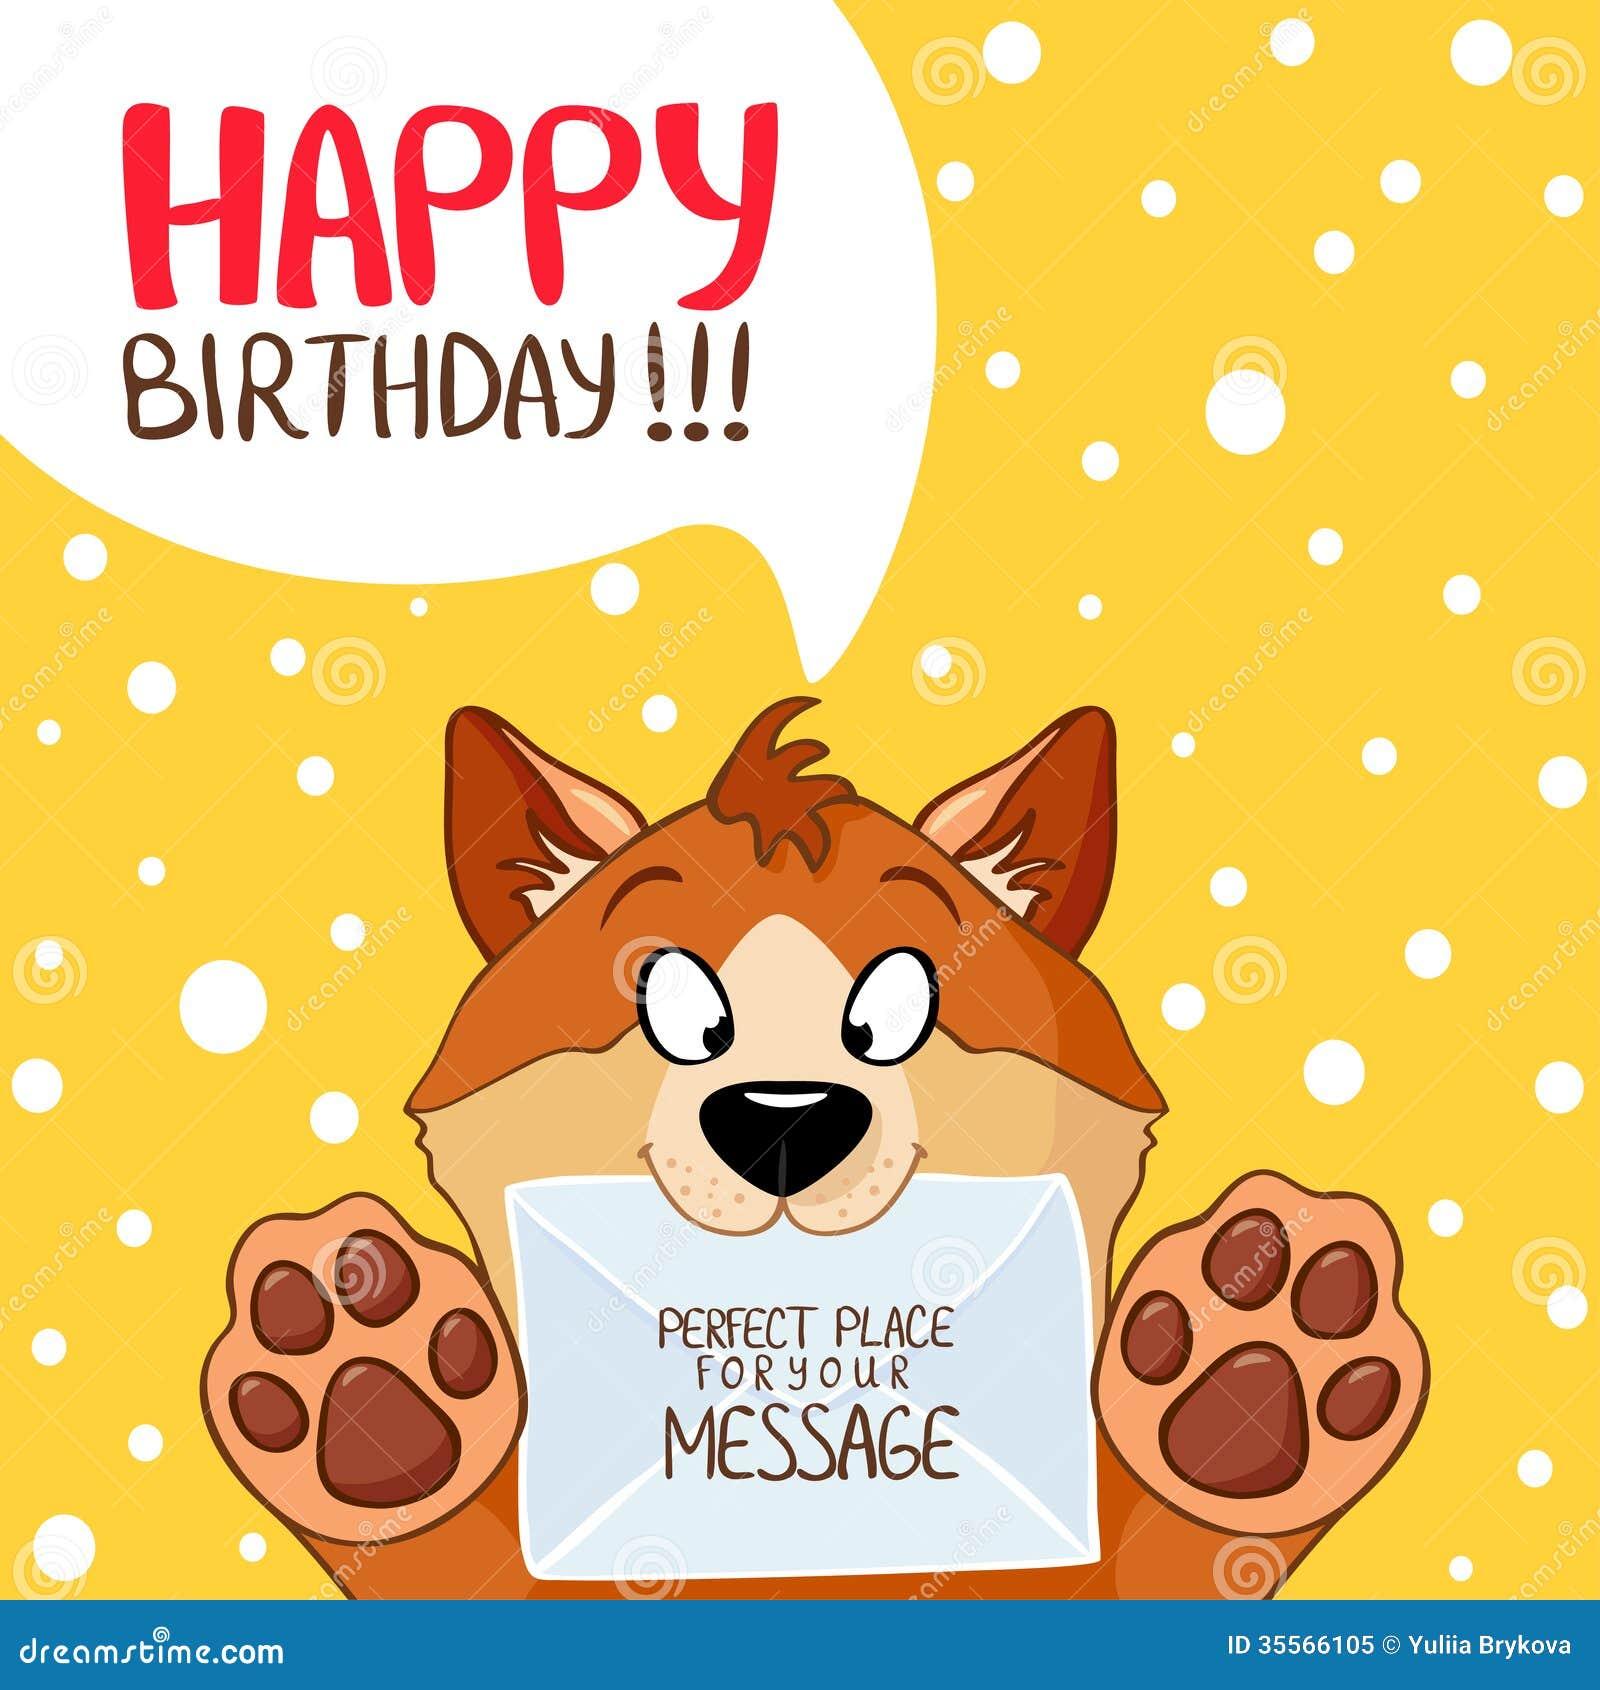 Funny Happy Birthday Dog